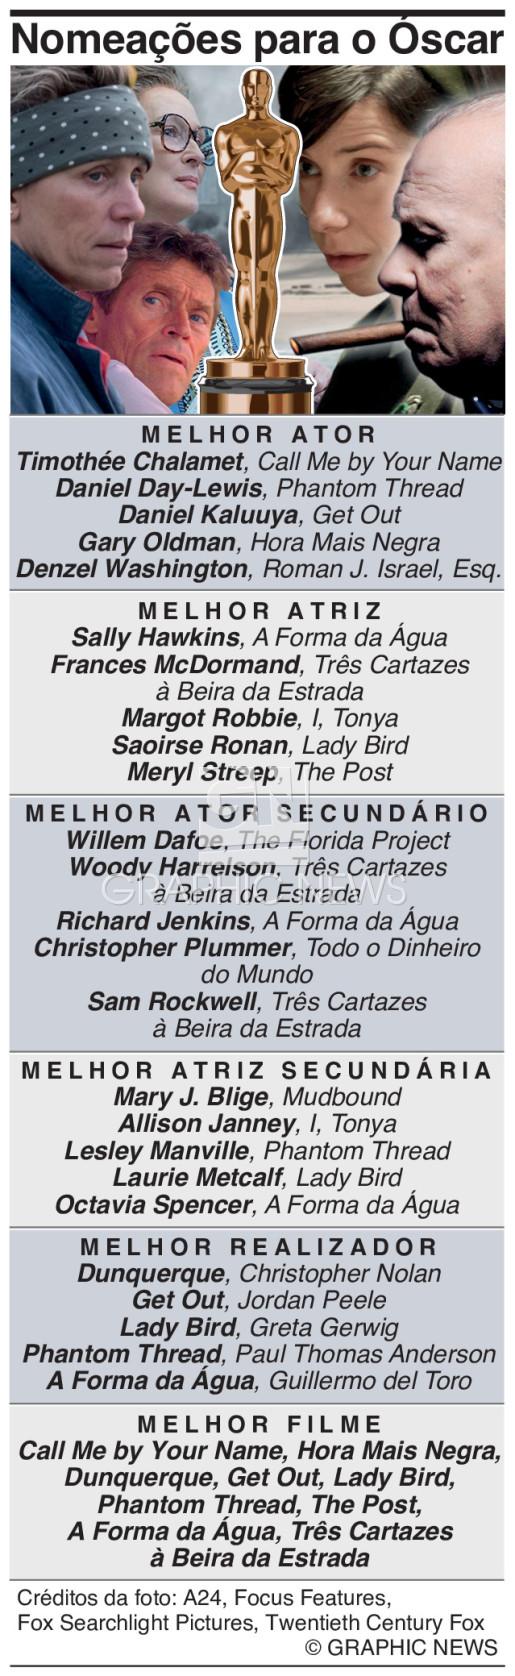 Nomeações para o Óscar 2018 infographic